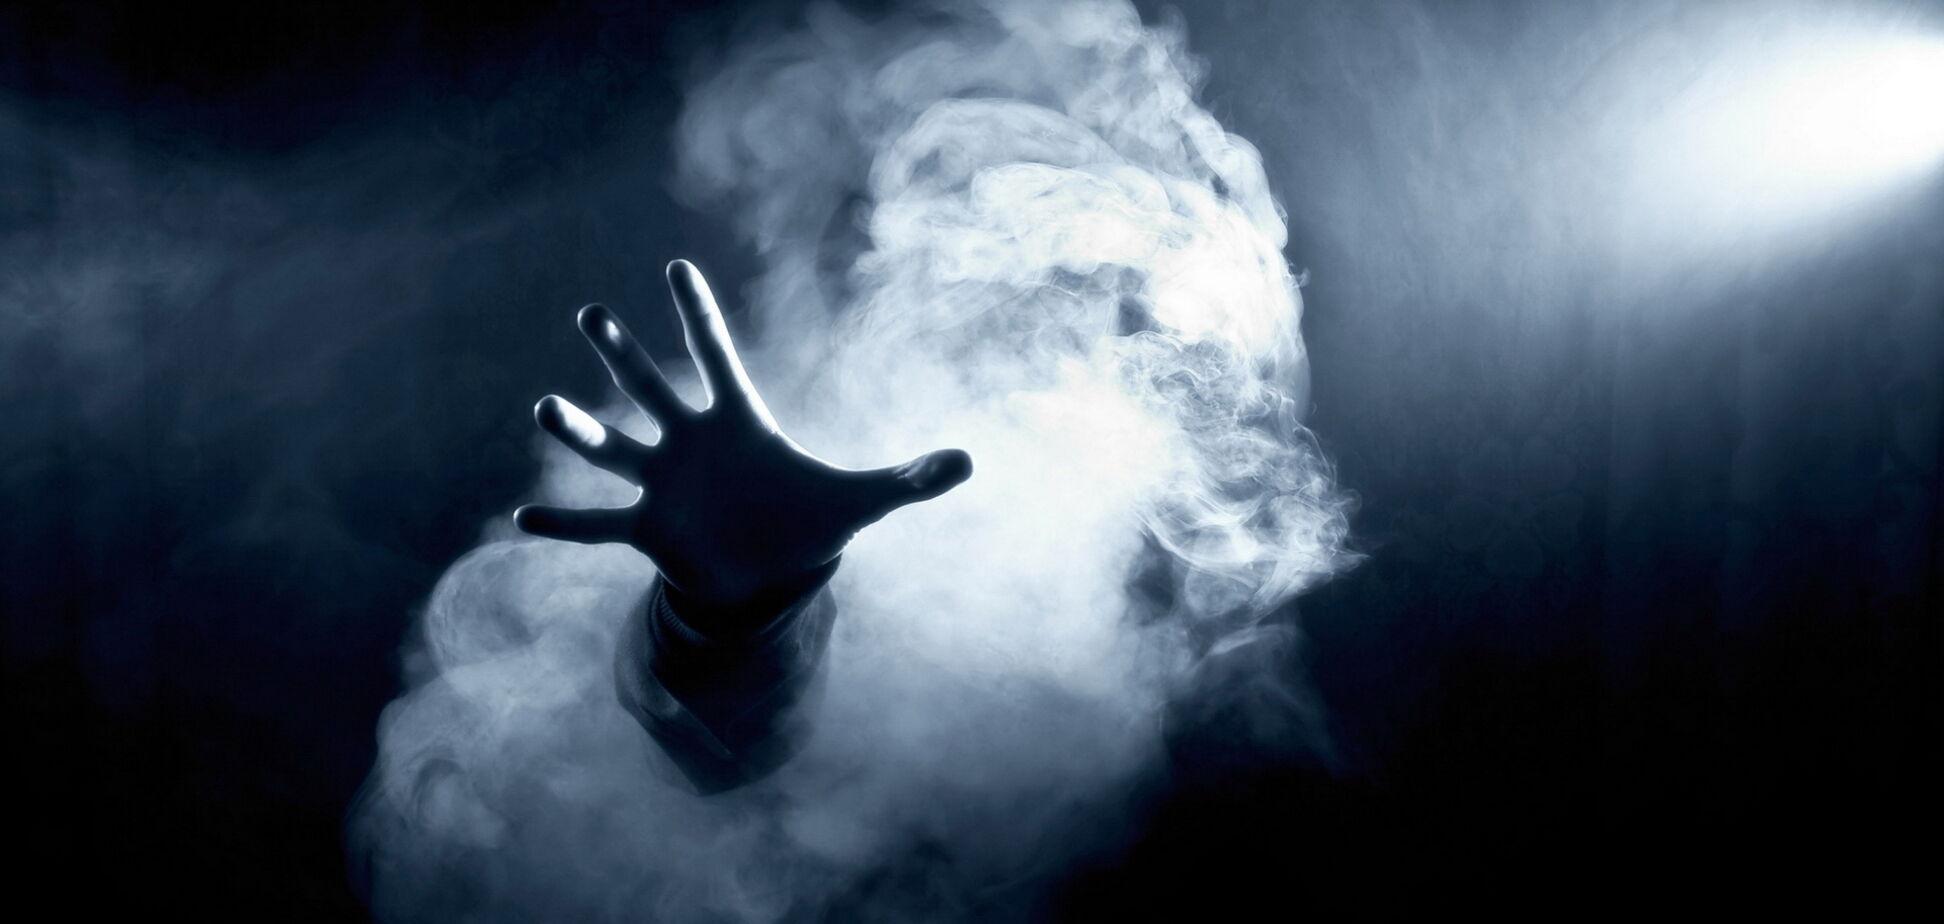 Пассивное курение: реален ли вред